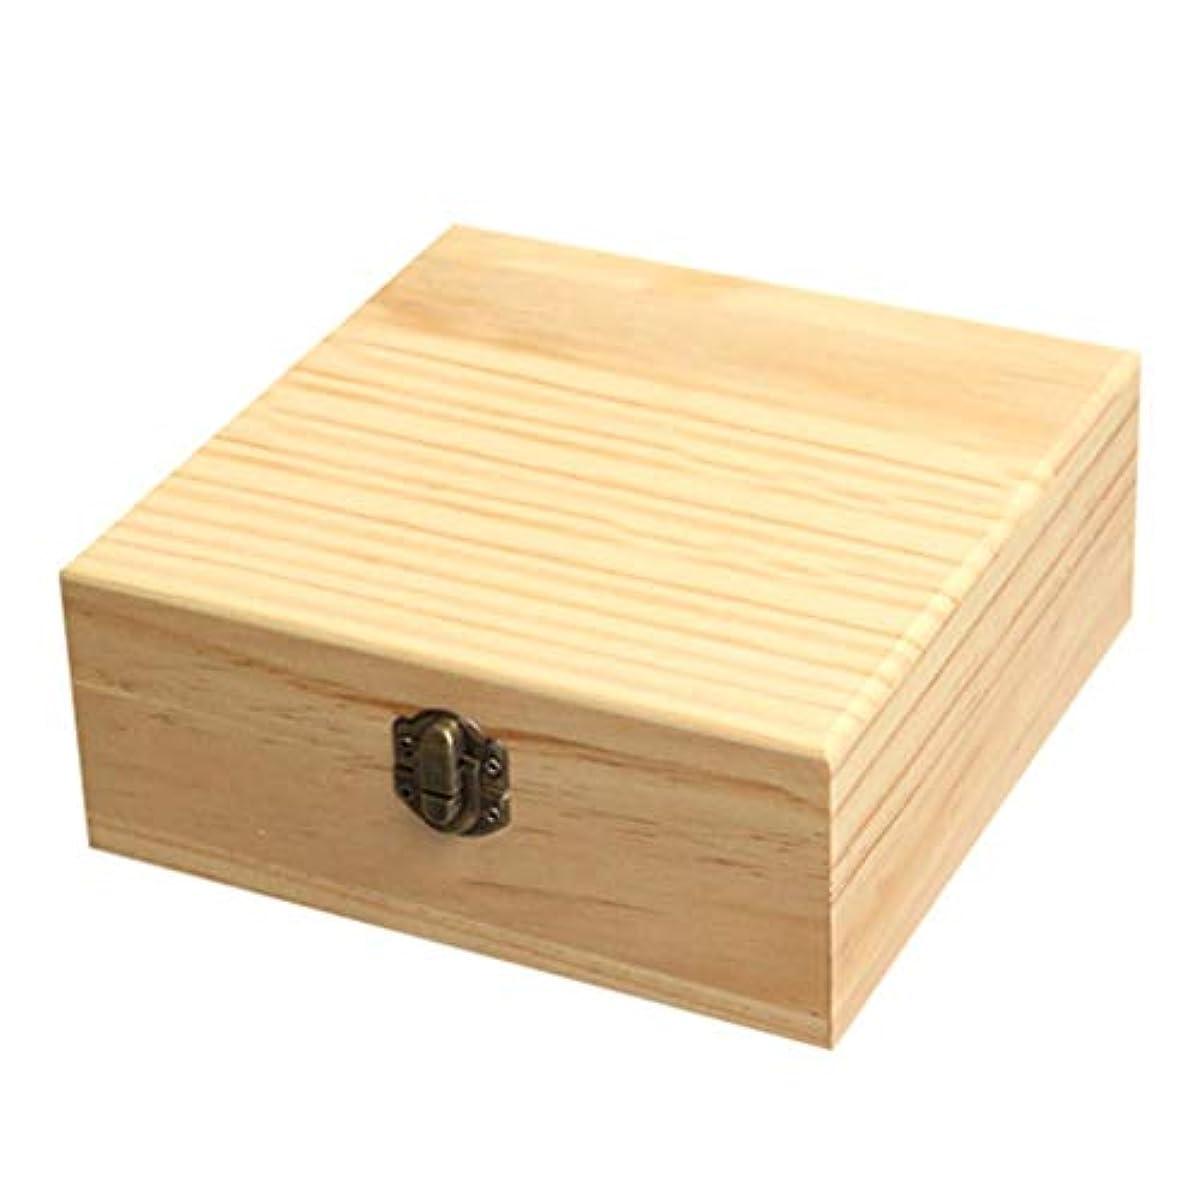 骨レンダーとbulorrow | 25エッセンシャルオイル木製ボックス、スロットオーガナイザー旅行およびプレゼンテーション用収納ボックスケースコンパートメントアロマセラピーメイクアップキャリアローラーボトルホルダーディスプレイオイルコレクション